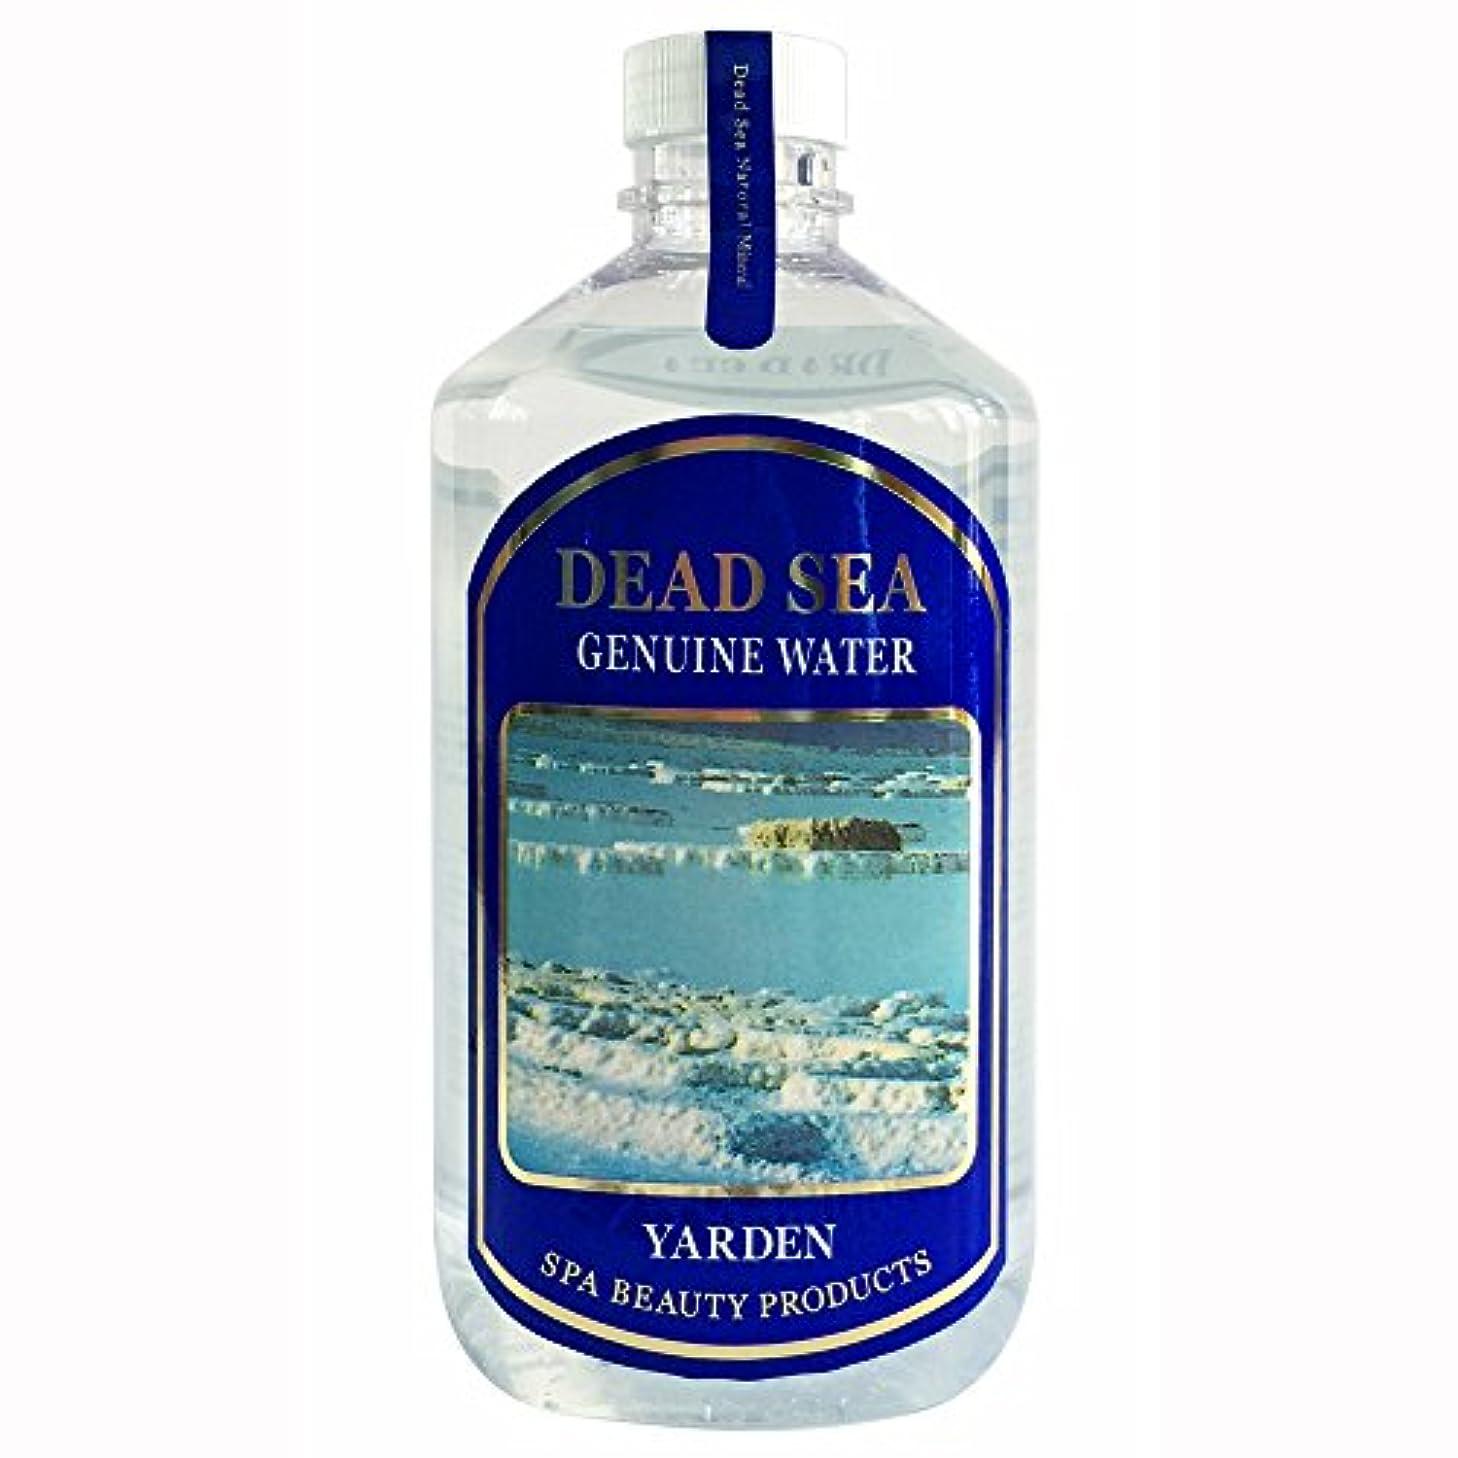 虫を数える摂動作りデッドシー?ジェニュインウォーター 1000ml 【DEAD SEA GENUINE WATER/死海の深層水】